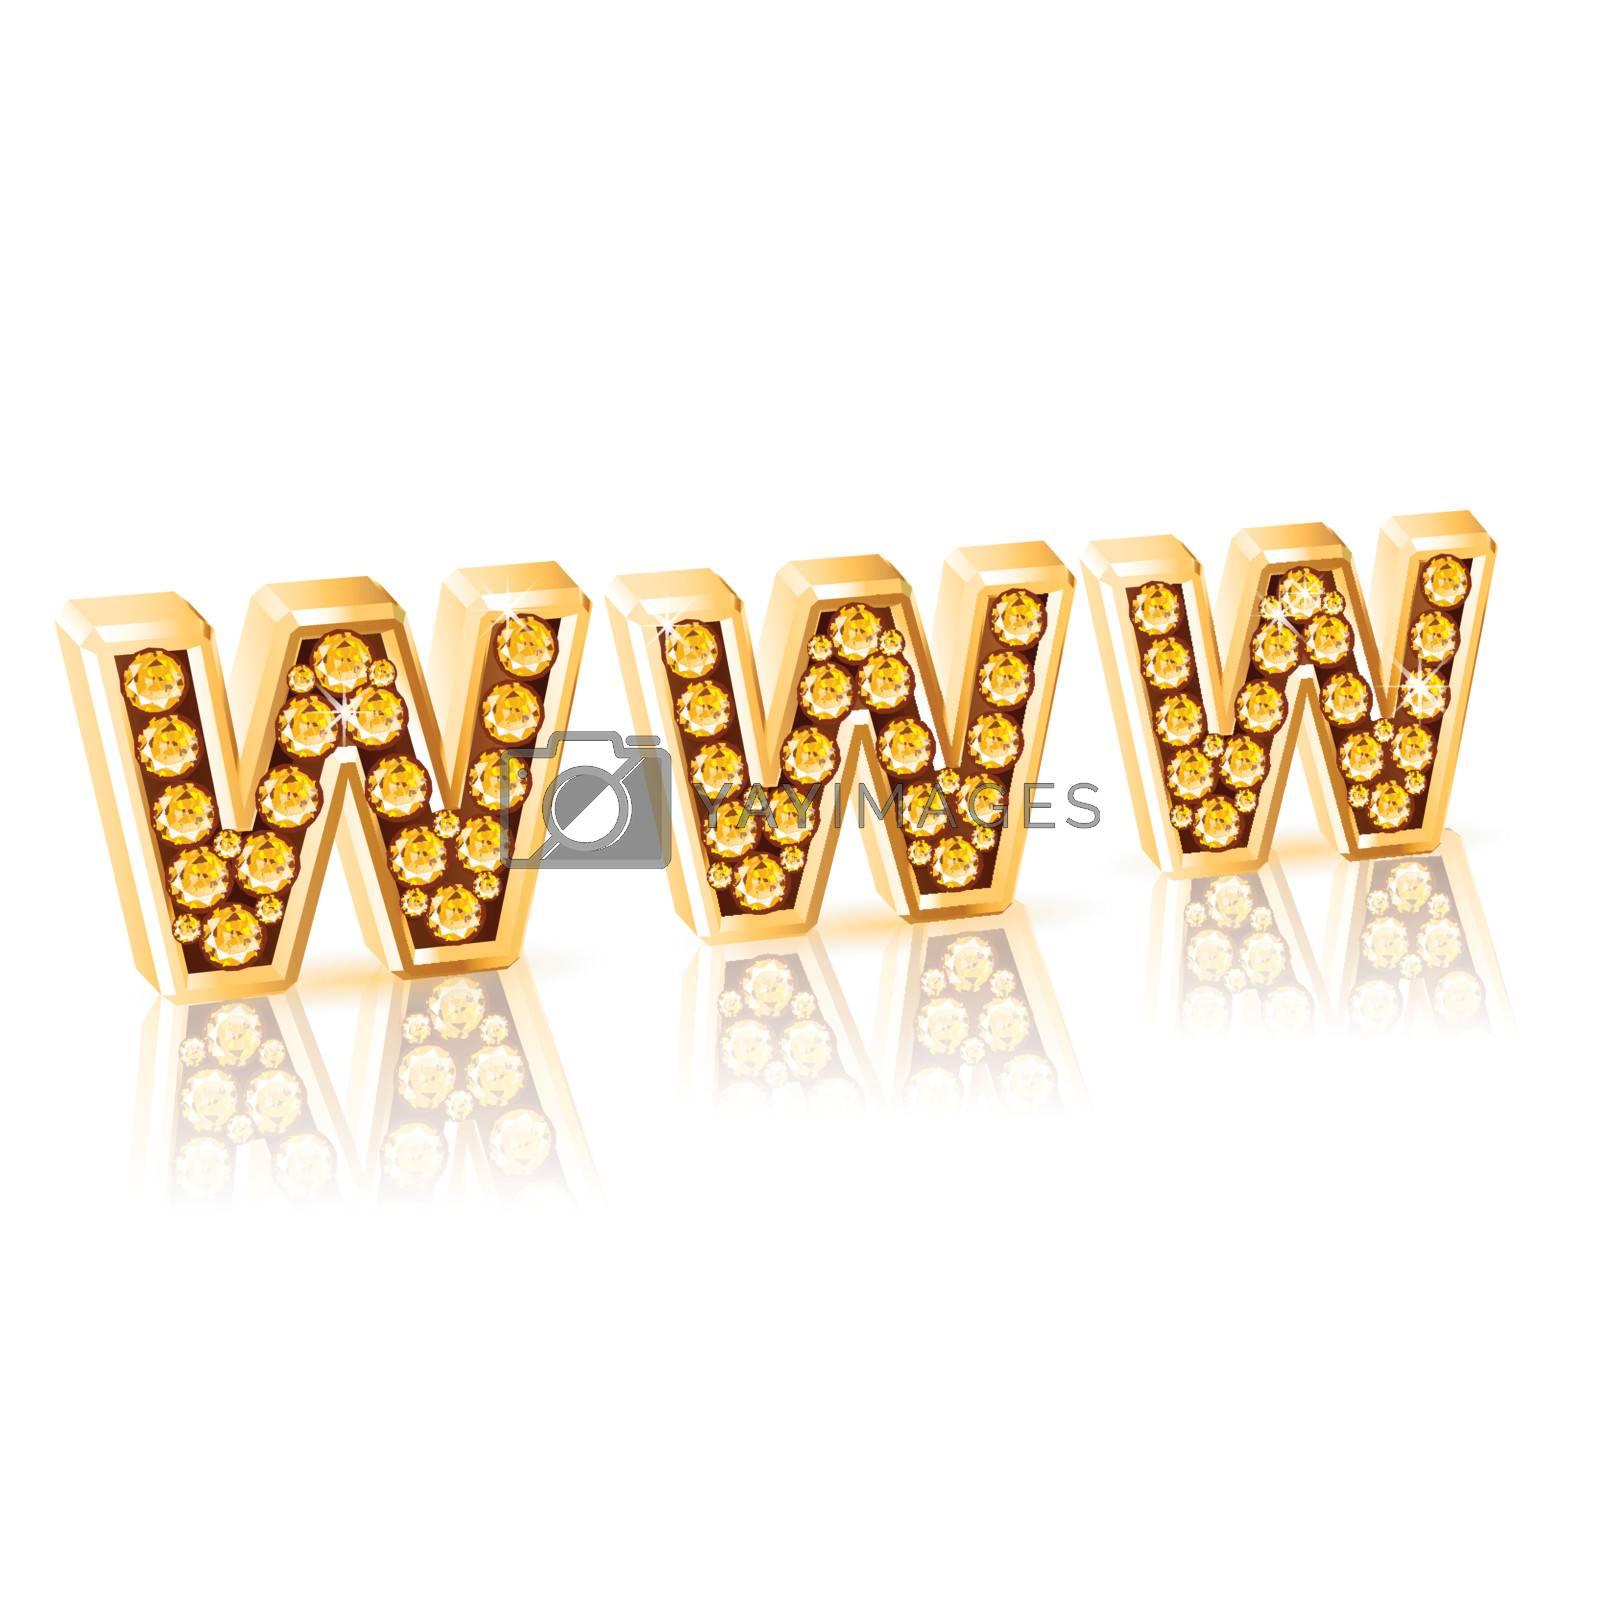 World Wide Web or WWW Diamond alphabet letters